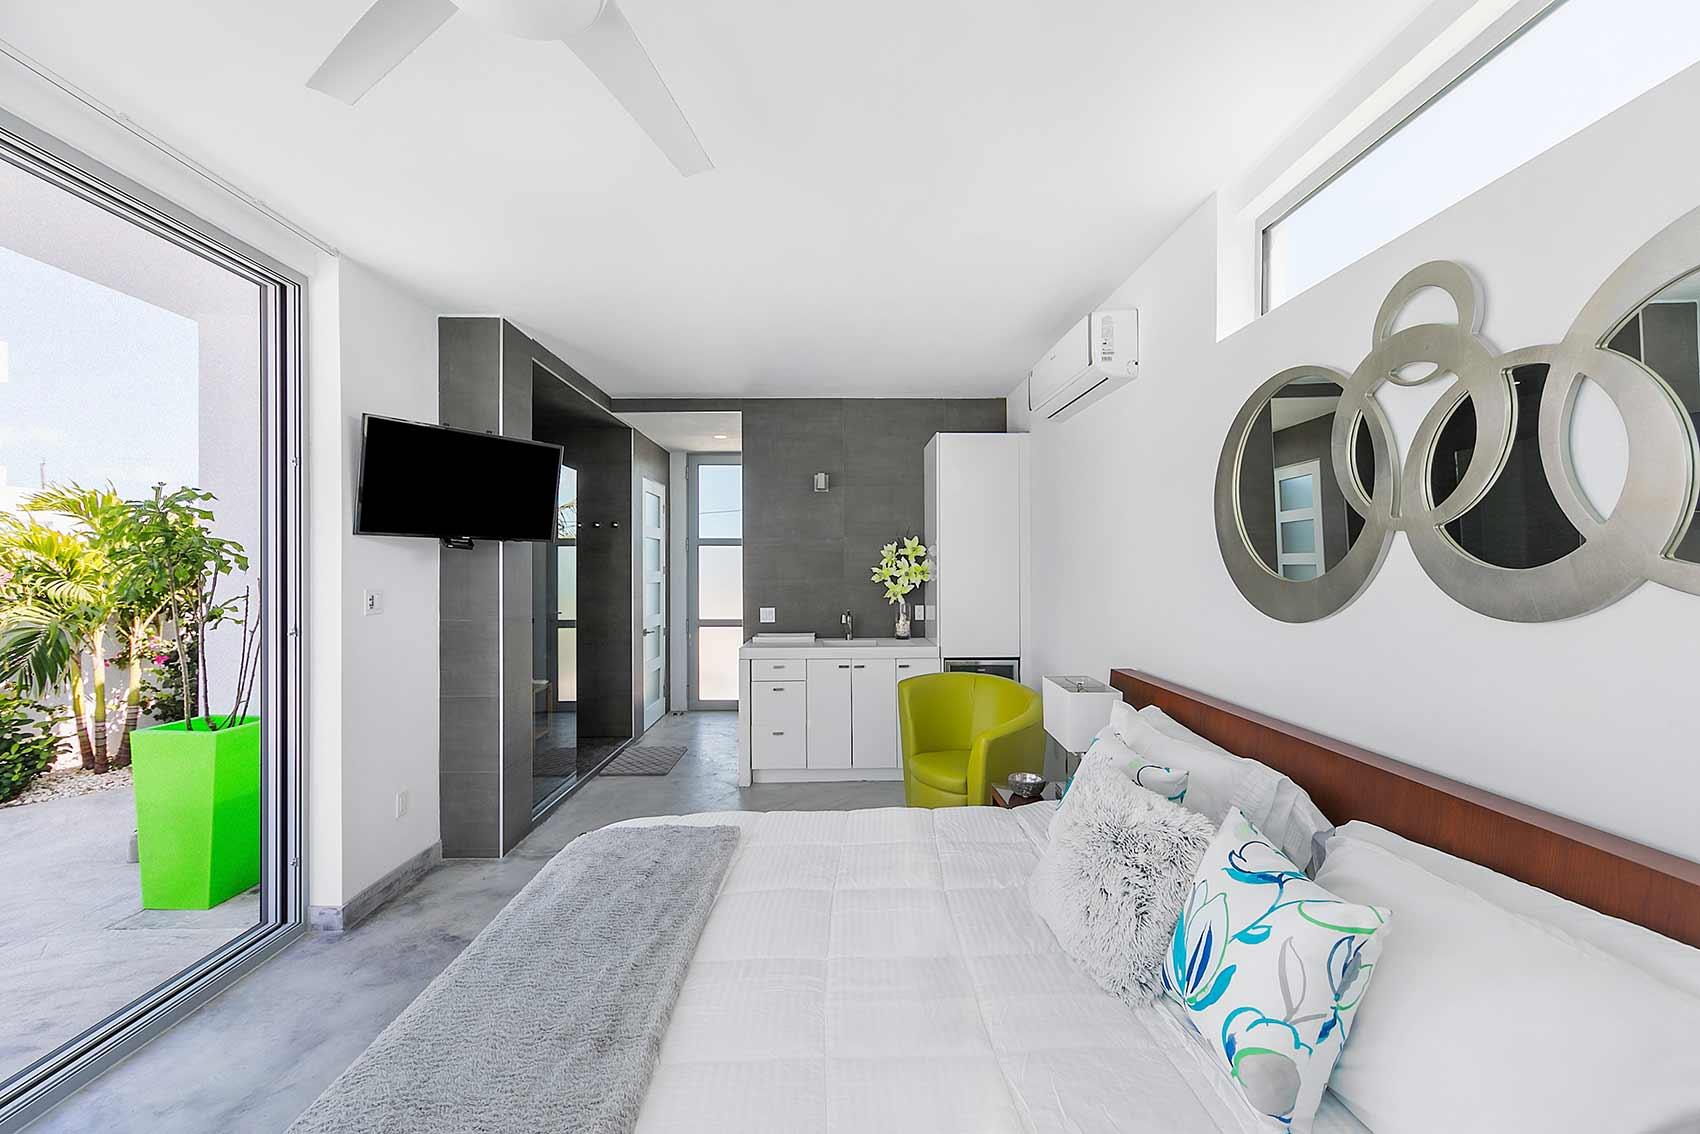 3 bedrooms villa: bedroom 3